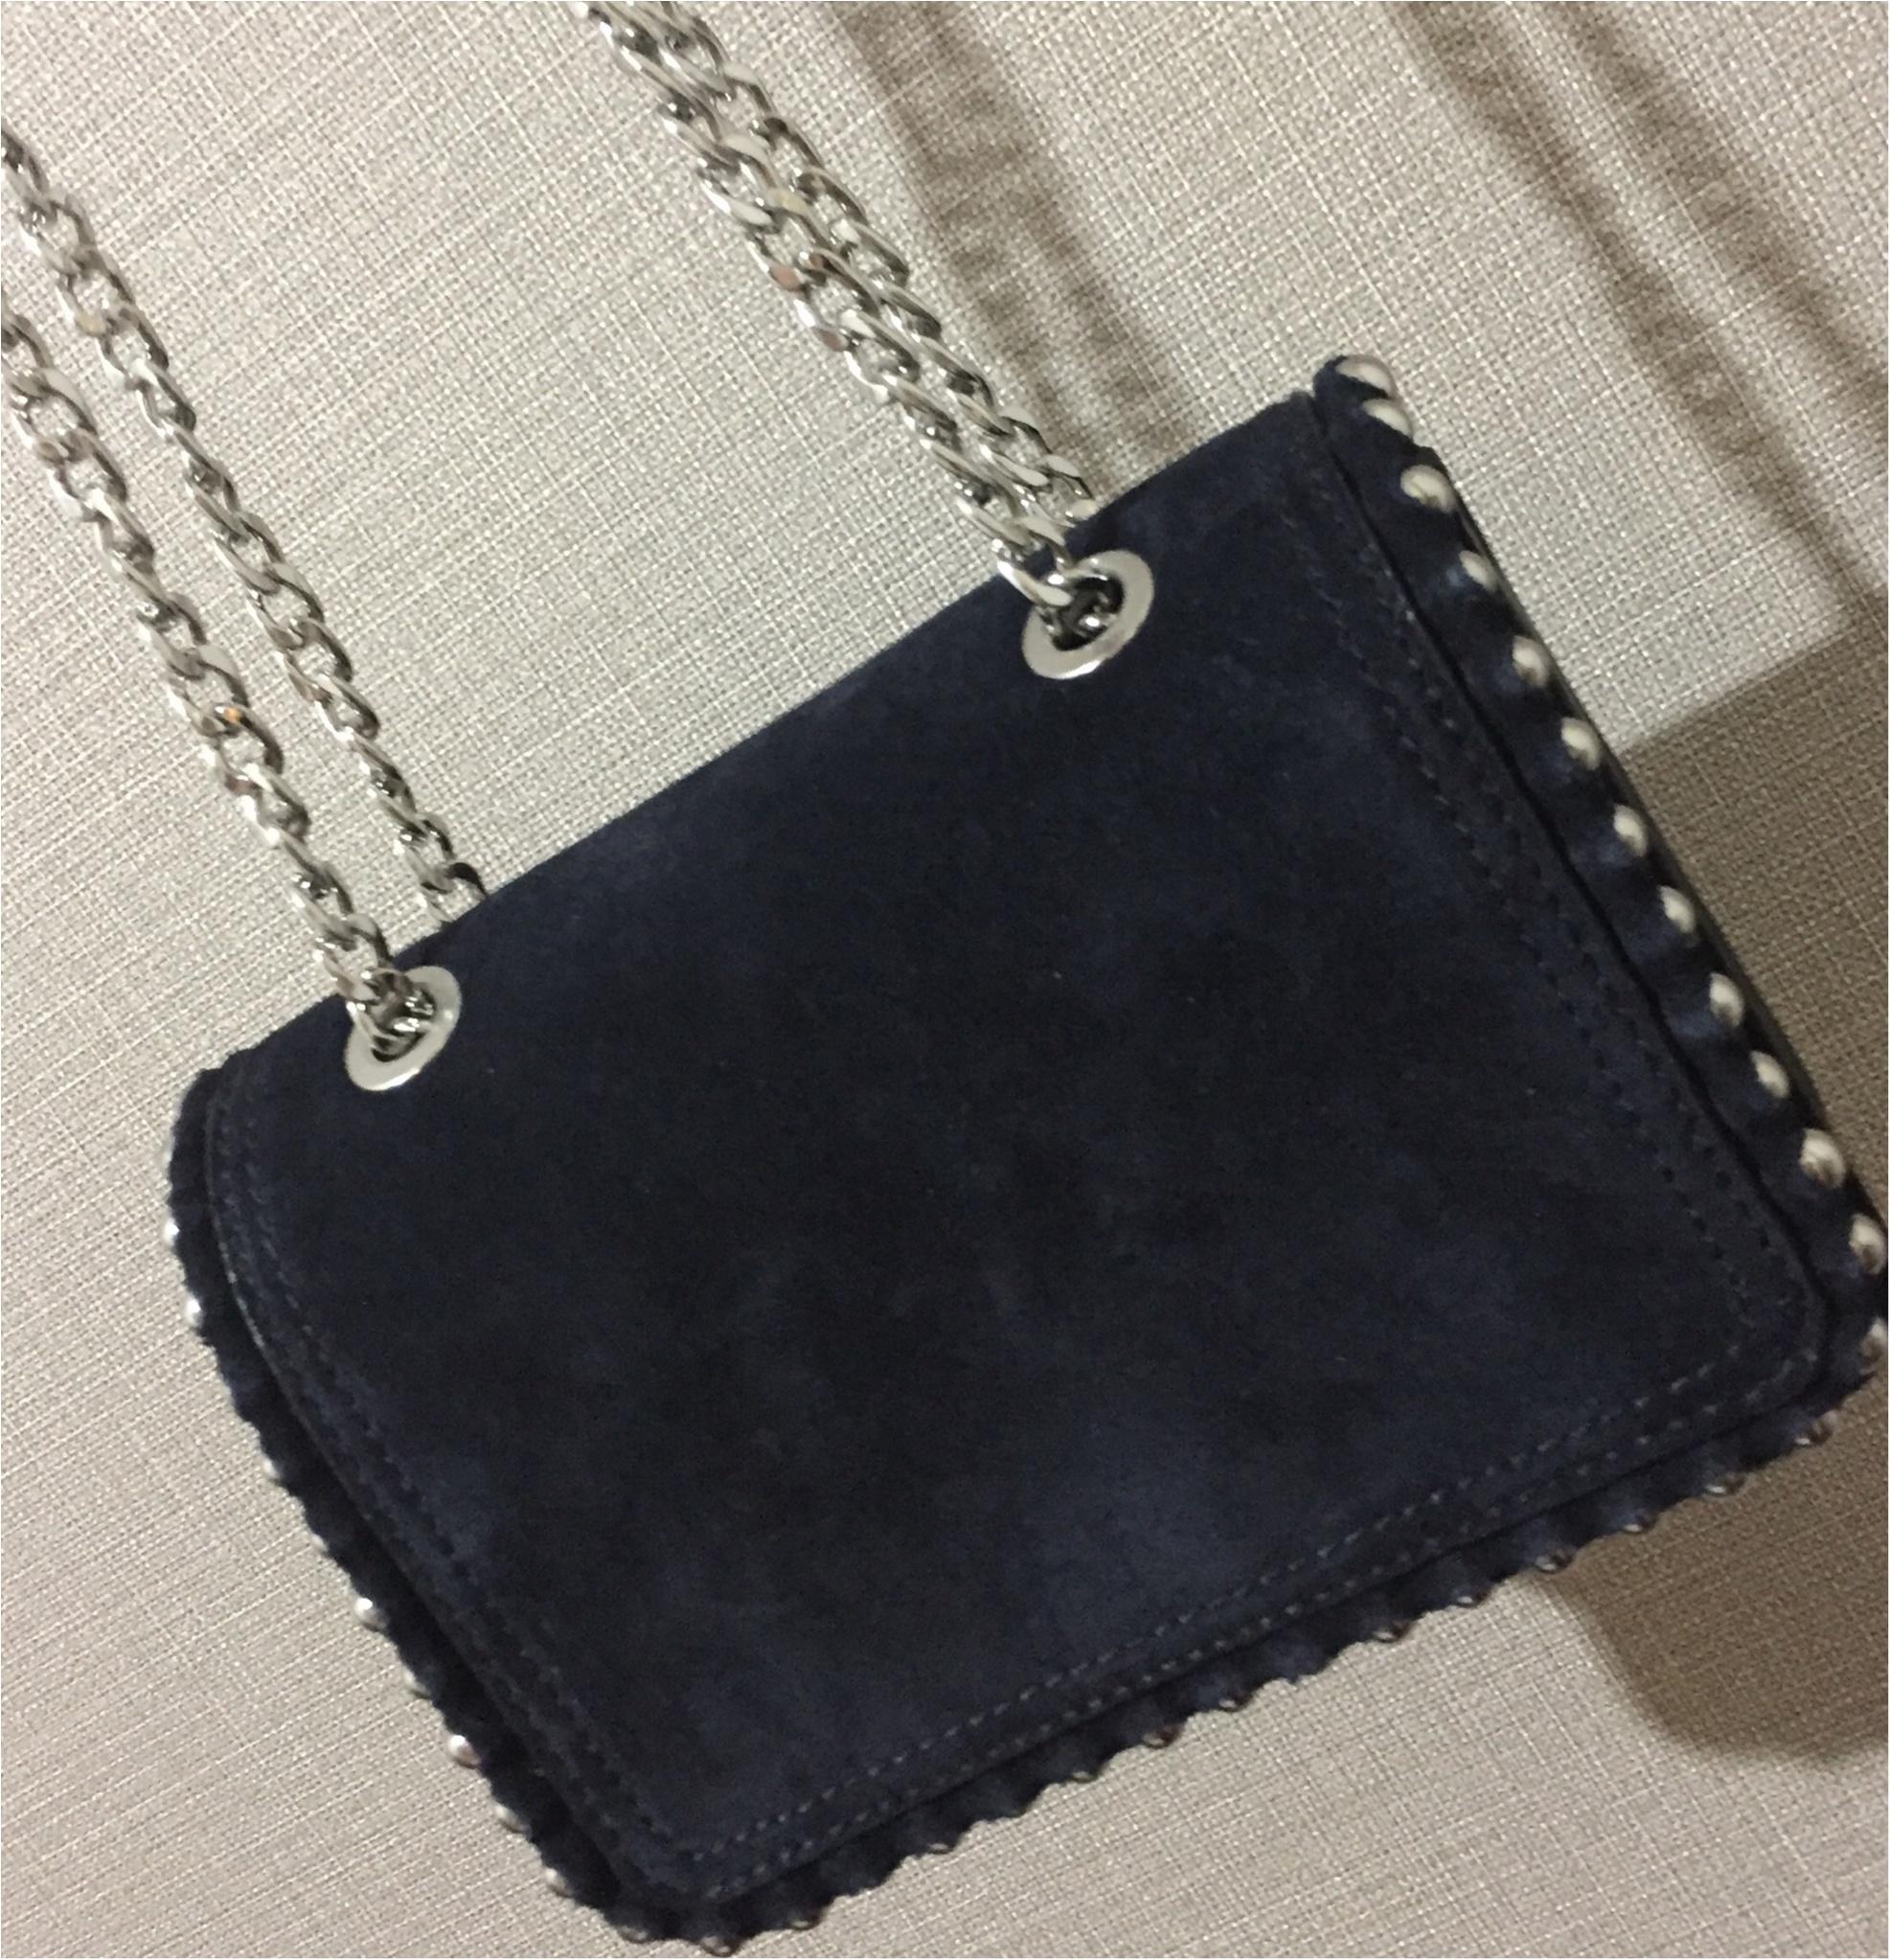 やっぱり秋冬も『ZARA』が最強に可愛い❤︎カジュアルに使えるチェーンバッグをGETしてきました!_2_1